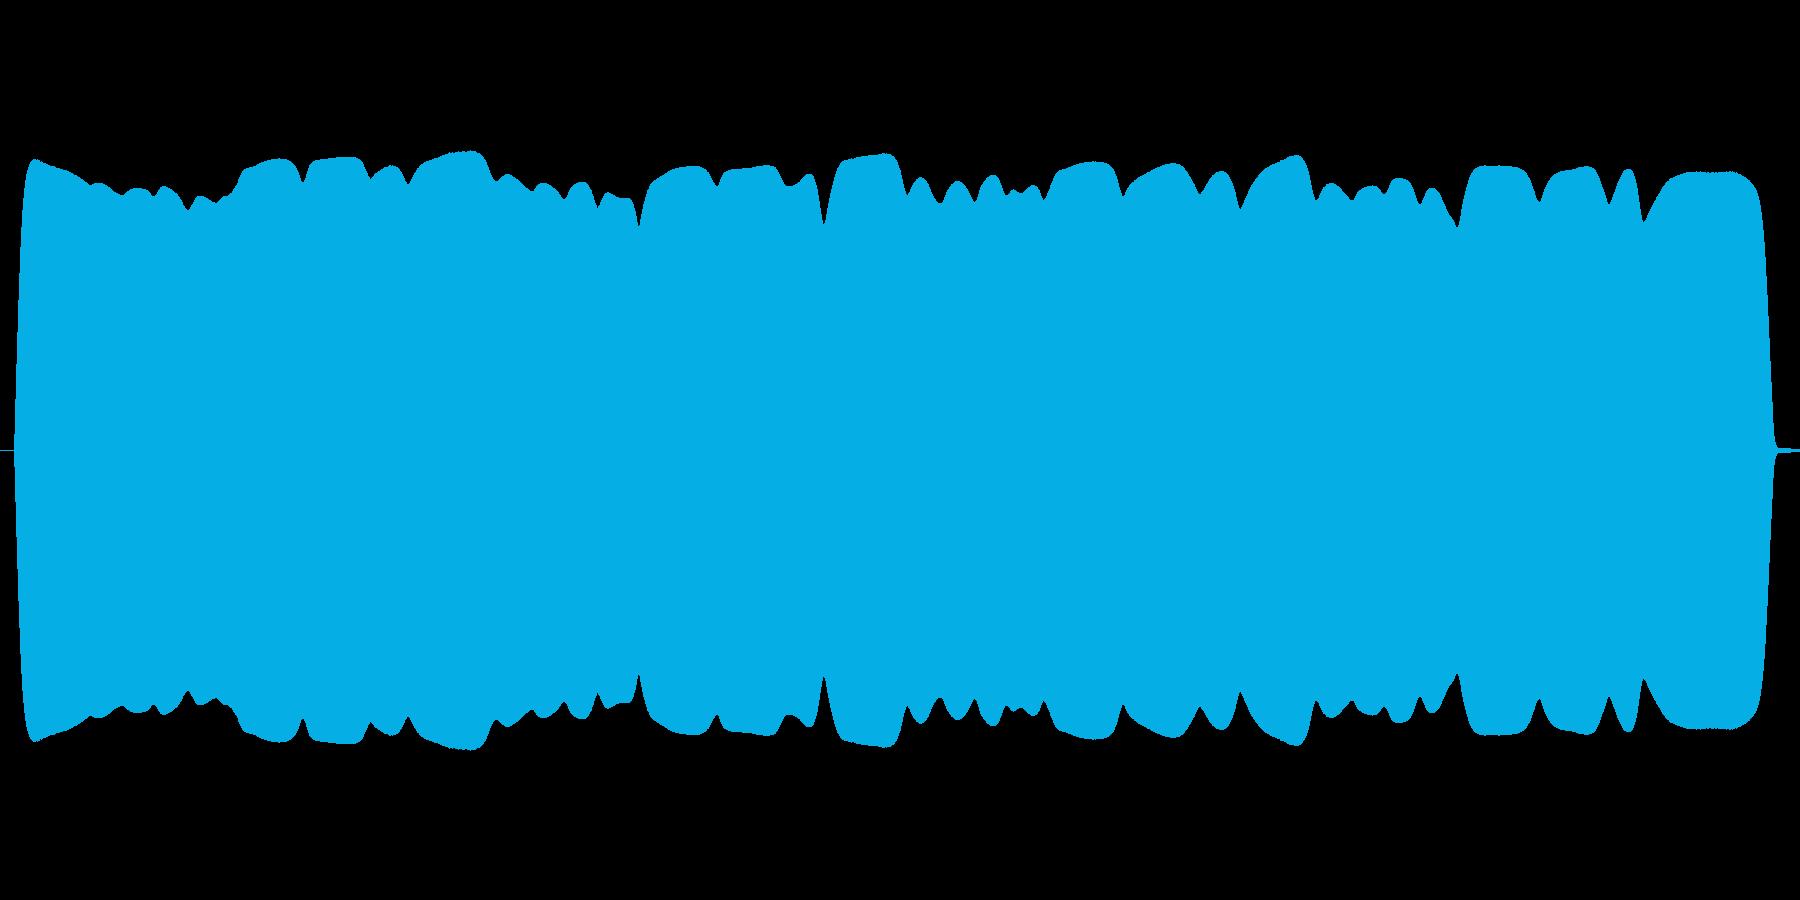 ウインウイン高音域テルミン(飛行物体)の再生済みの波形